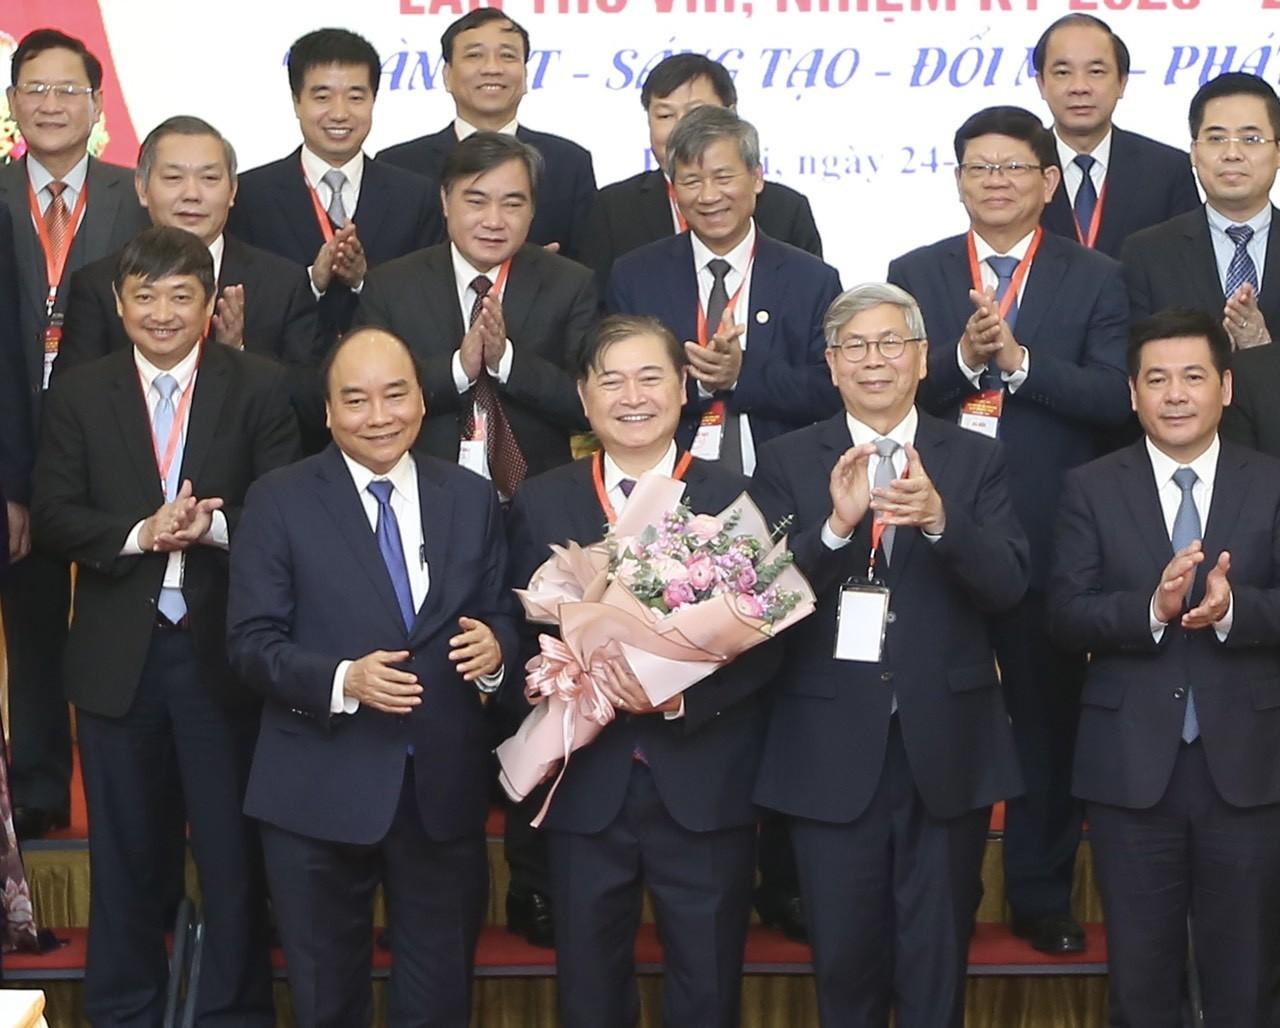 [e-MAGAZINE] Dau an su nghiep cua Tan Chu tich Lien hiep cac Hoi KH&KT Viet Nam Phan Xuan Dung